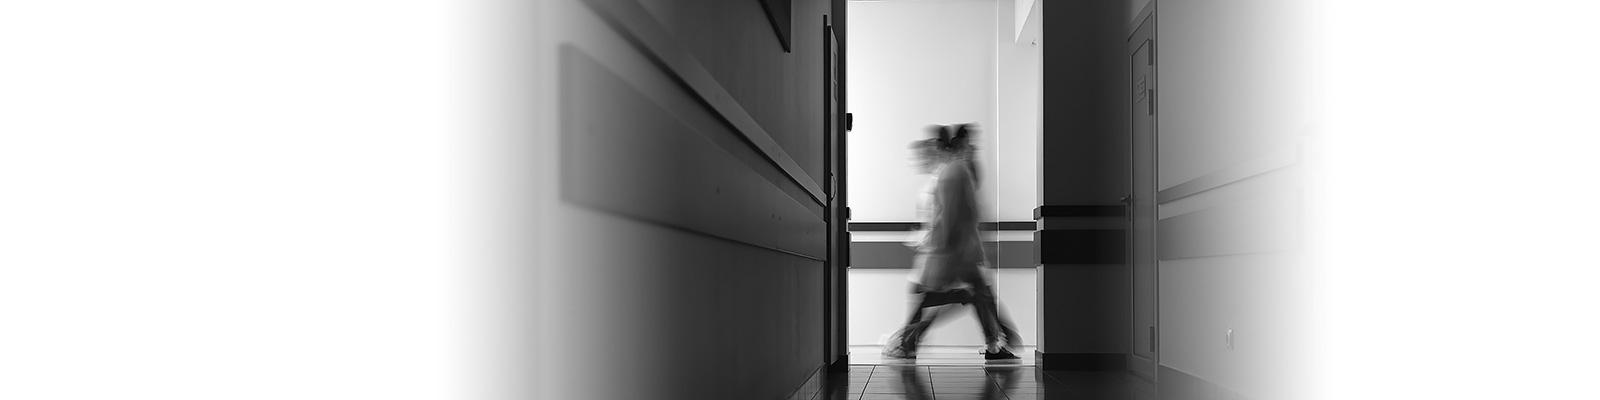 病院 廊下 移動 イメージ